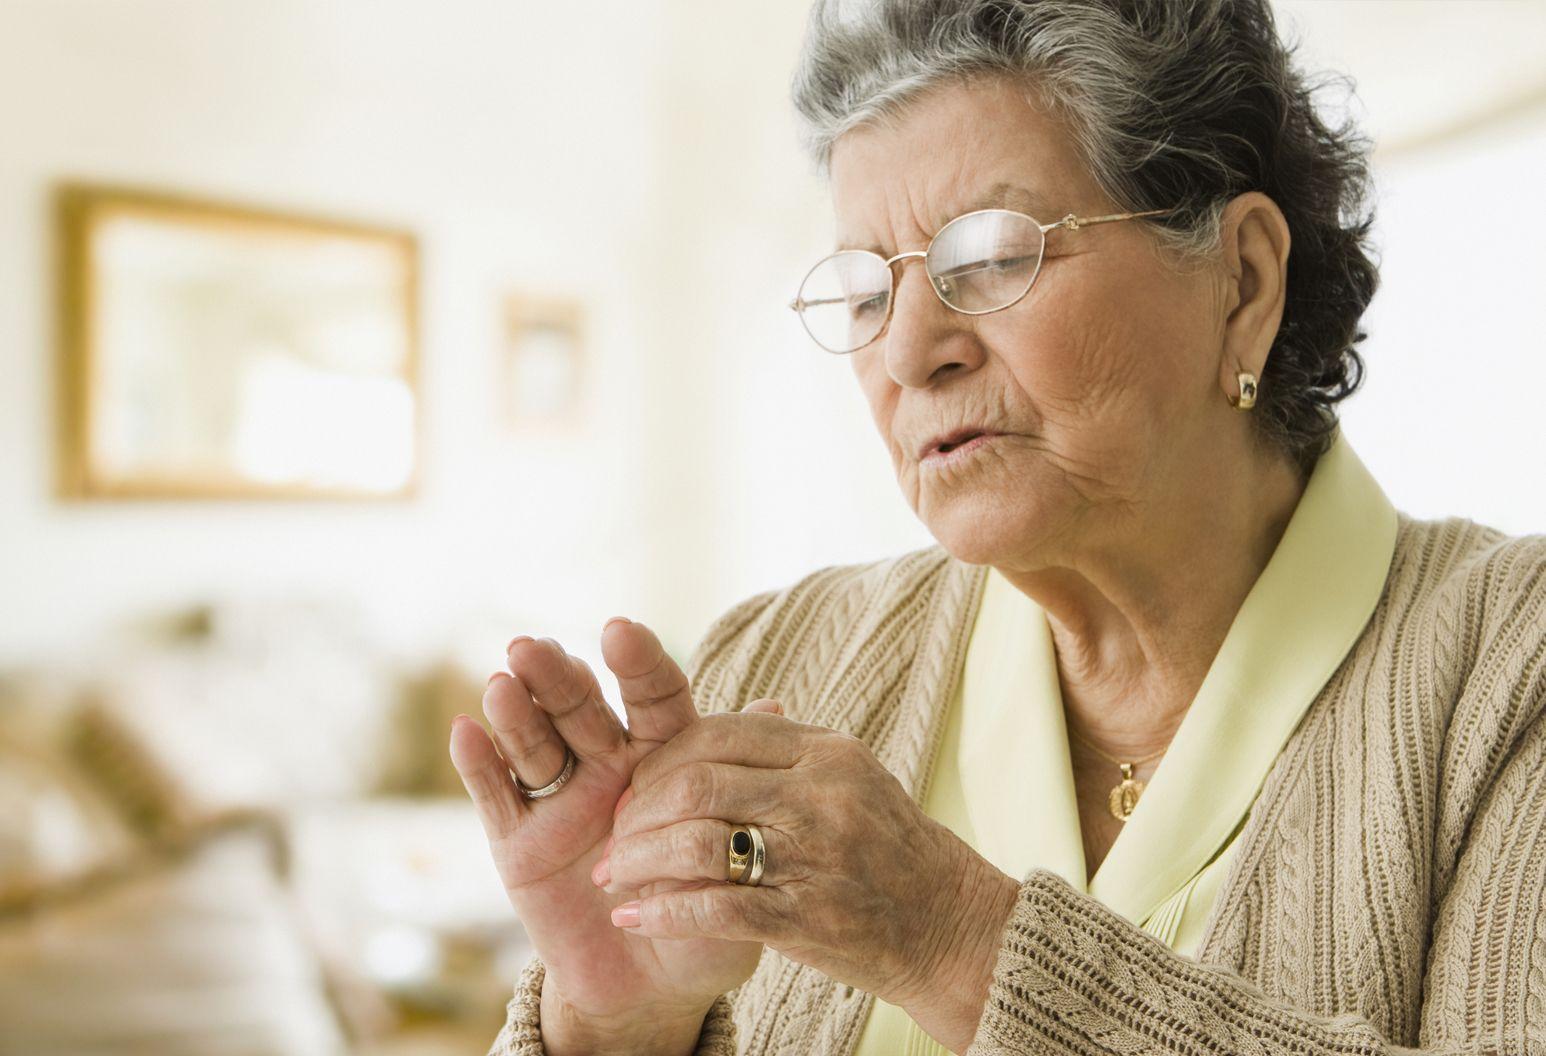 Elderly women inspecting her hands